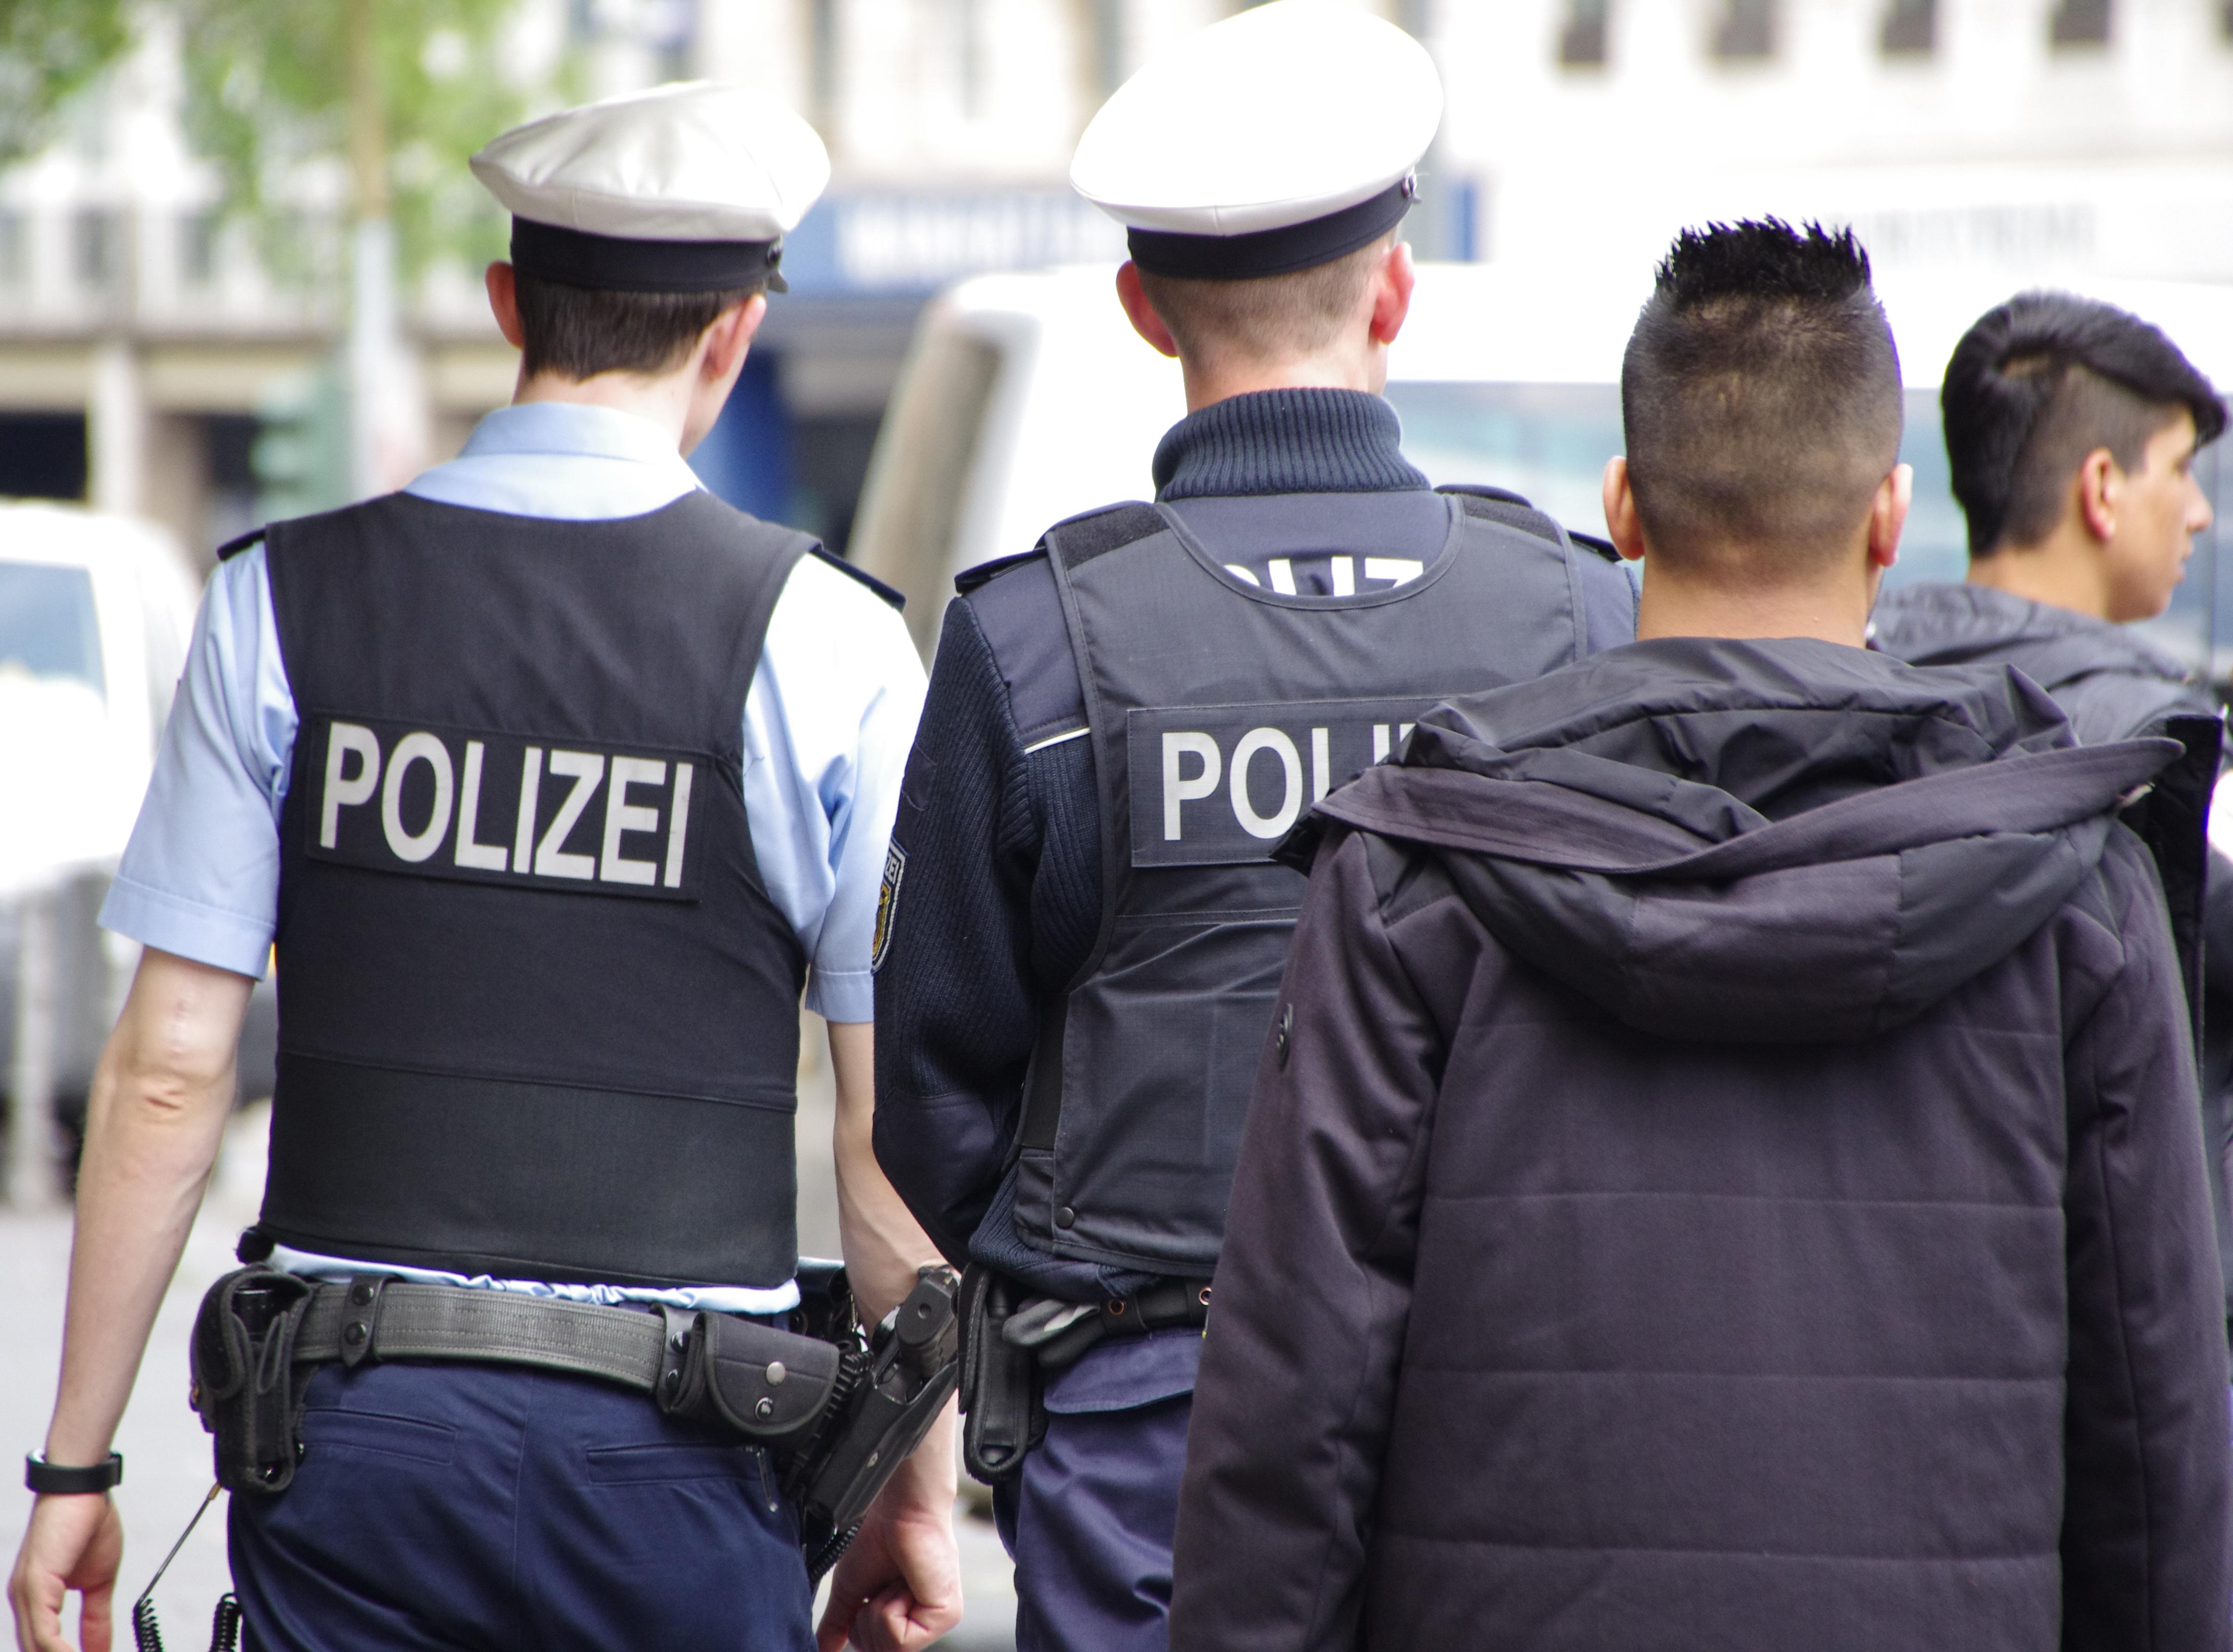 Falsche Polizisten: Polizei unternimmt Razzia gegen türkische Clanfamilienmitglieder